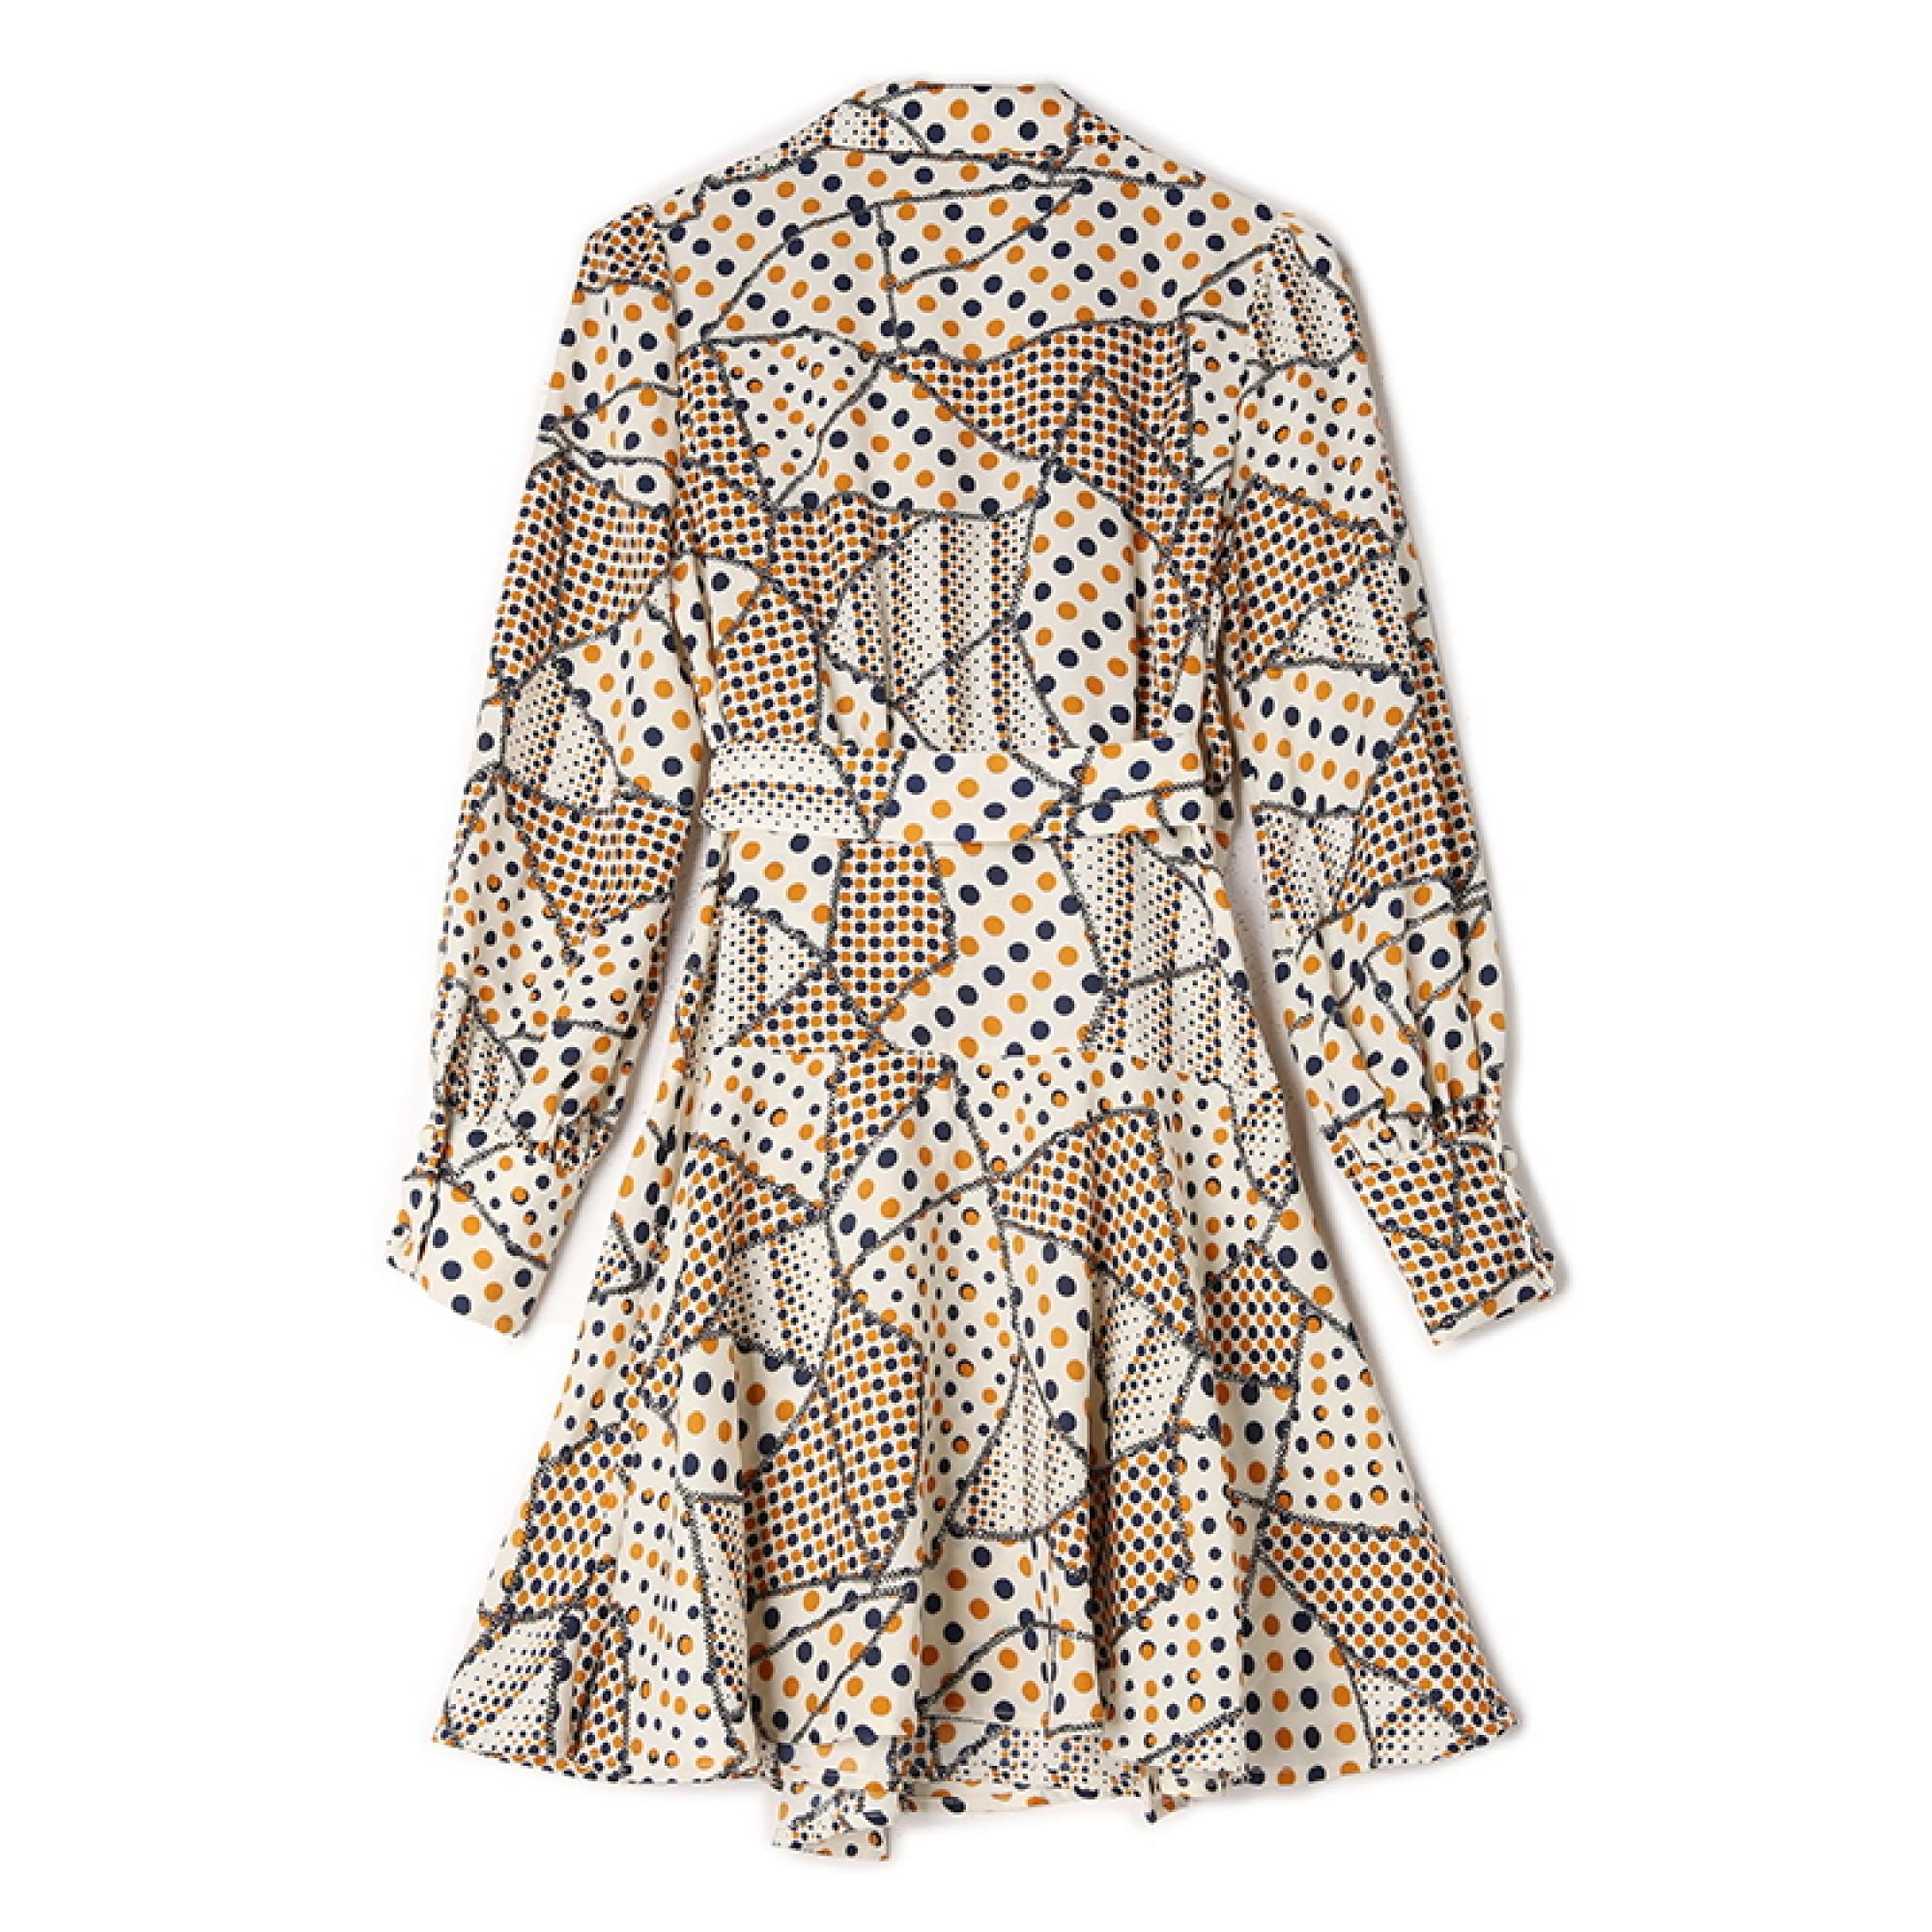 узорчатое платье с V образным вырезом купить женские платья